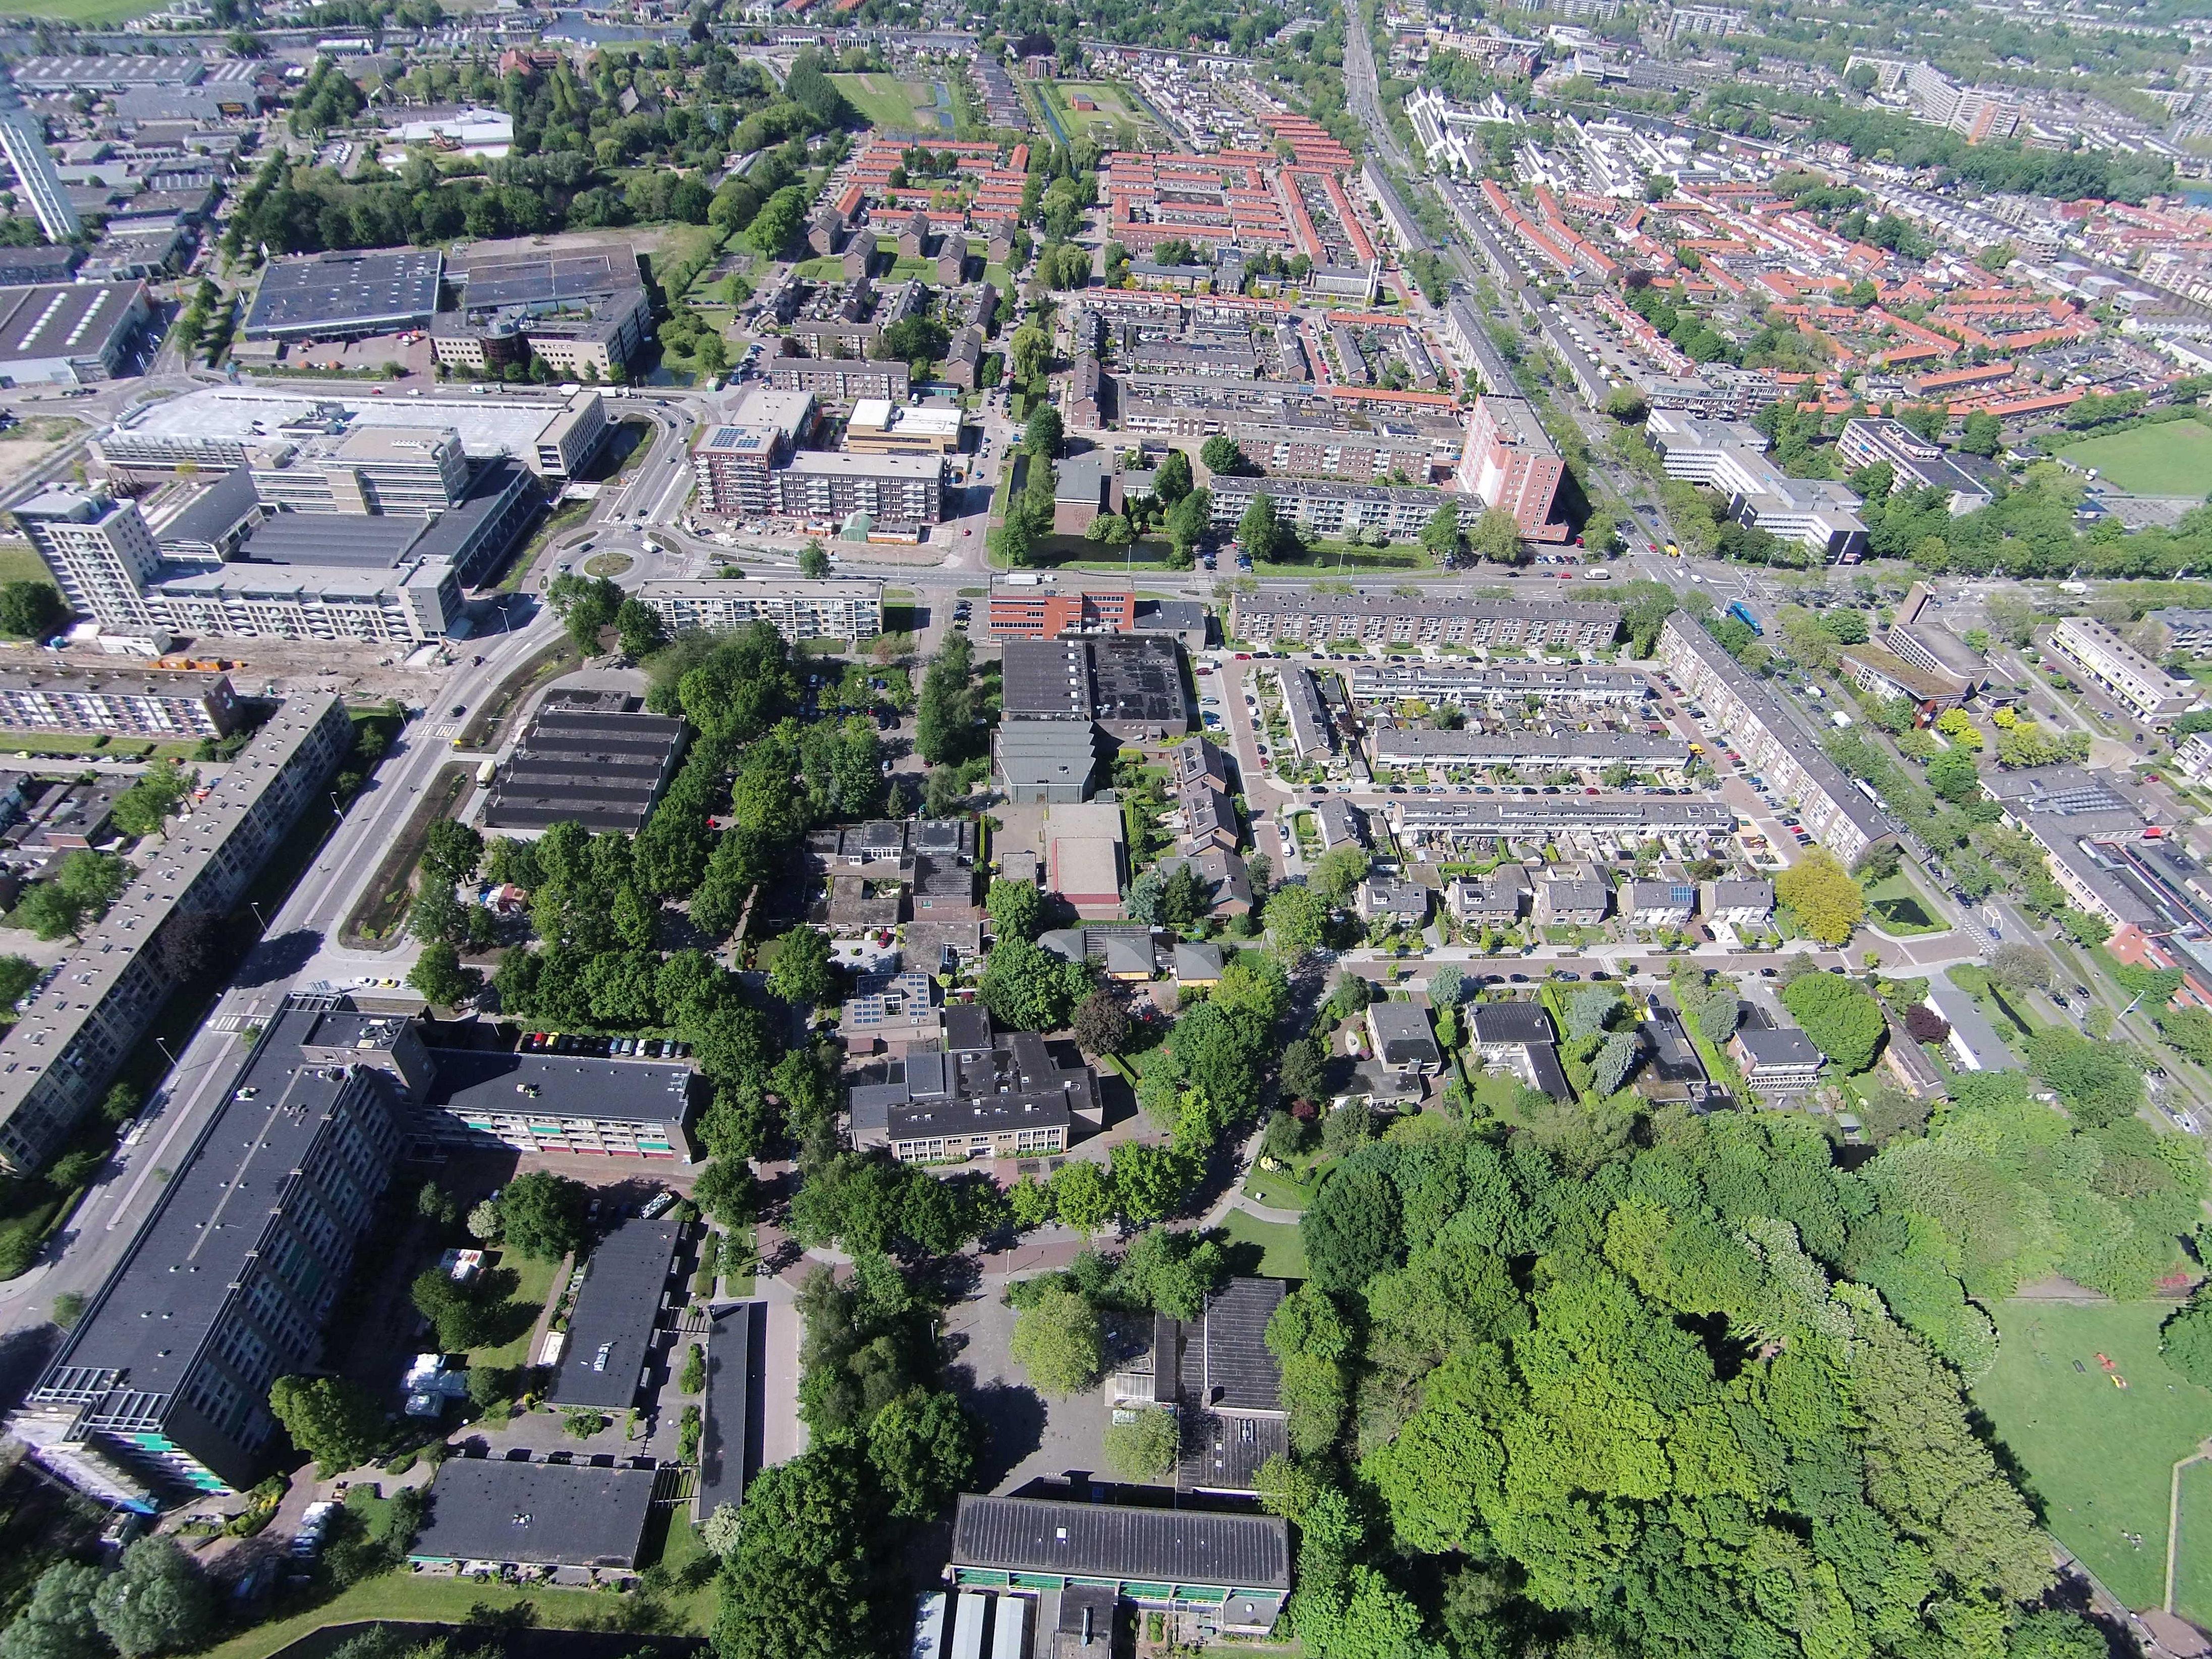 Uitzicht op de baronie luchtfotos - Uitzicht op de tuinman ...